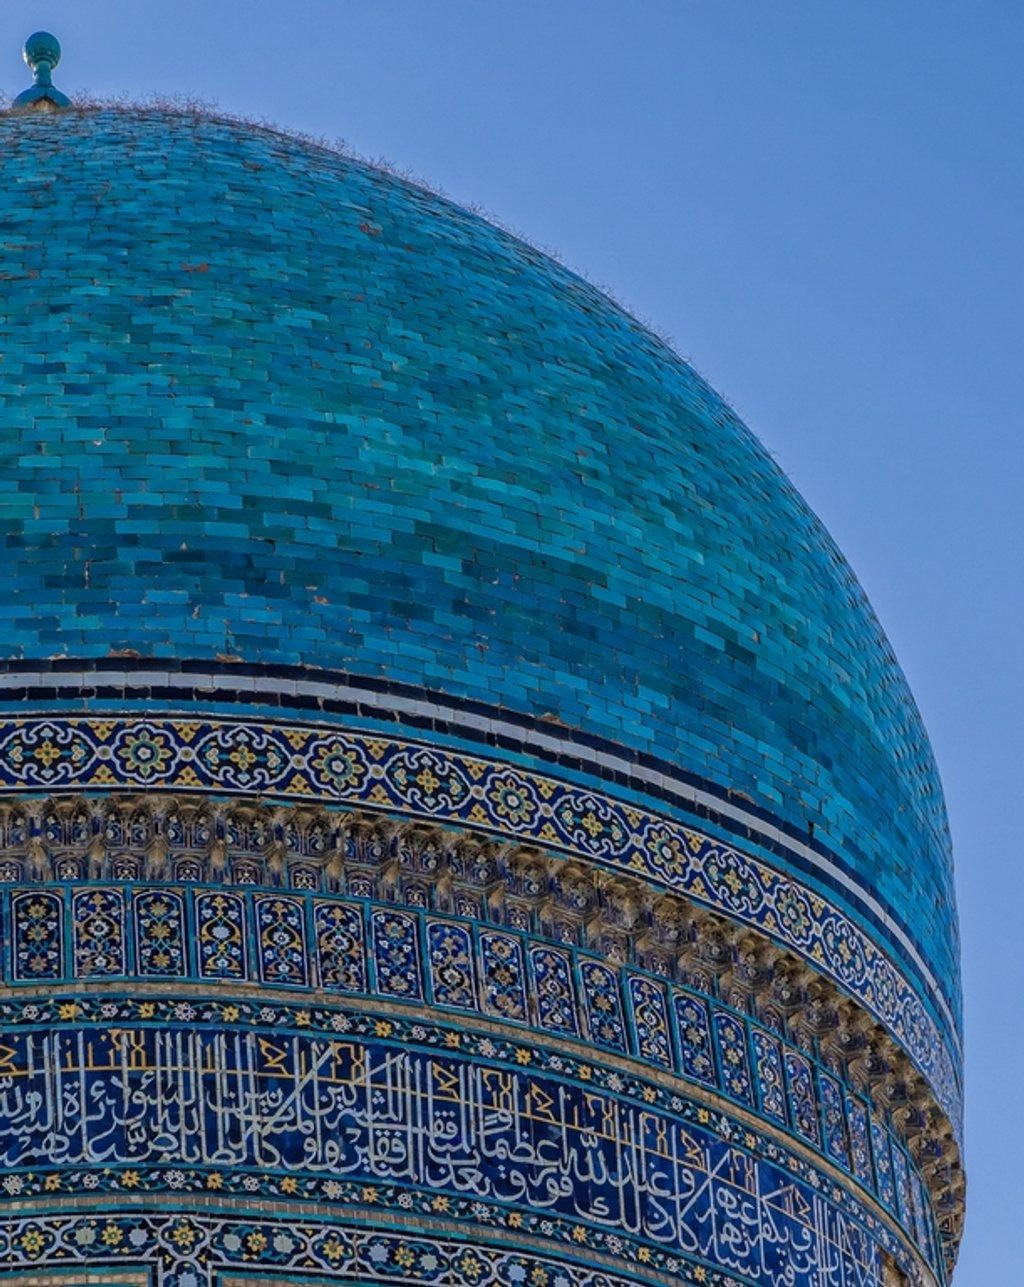 062 - Dome of the  Miri-Arab Madrash by bob65